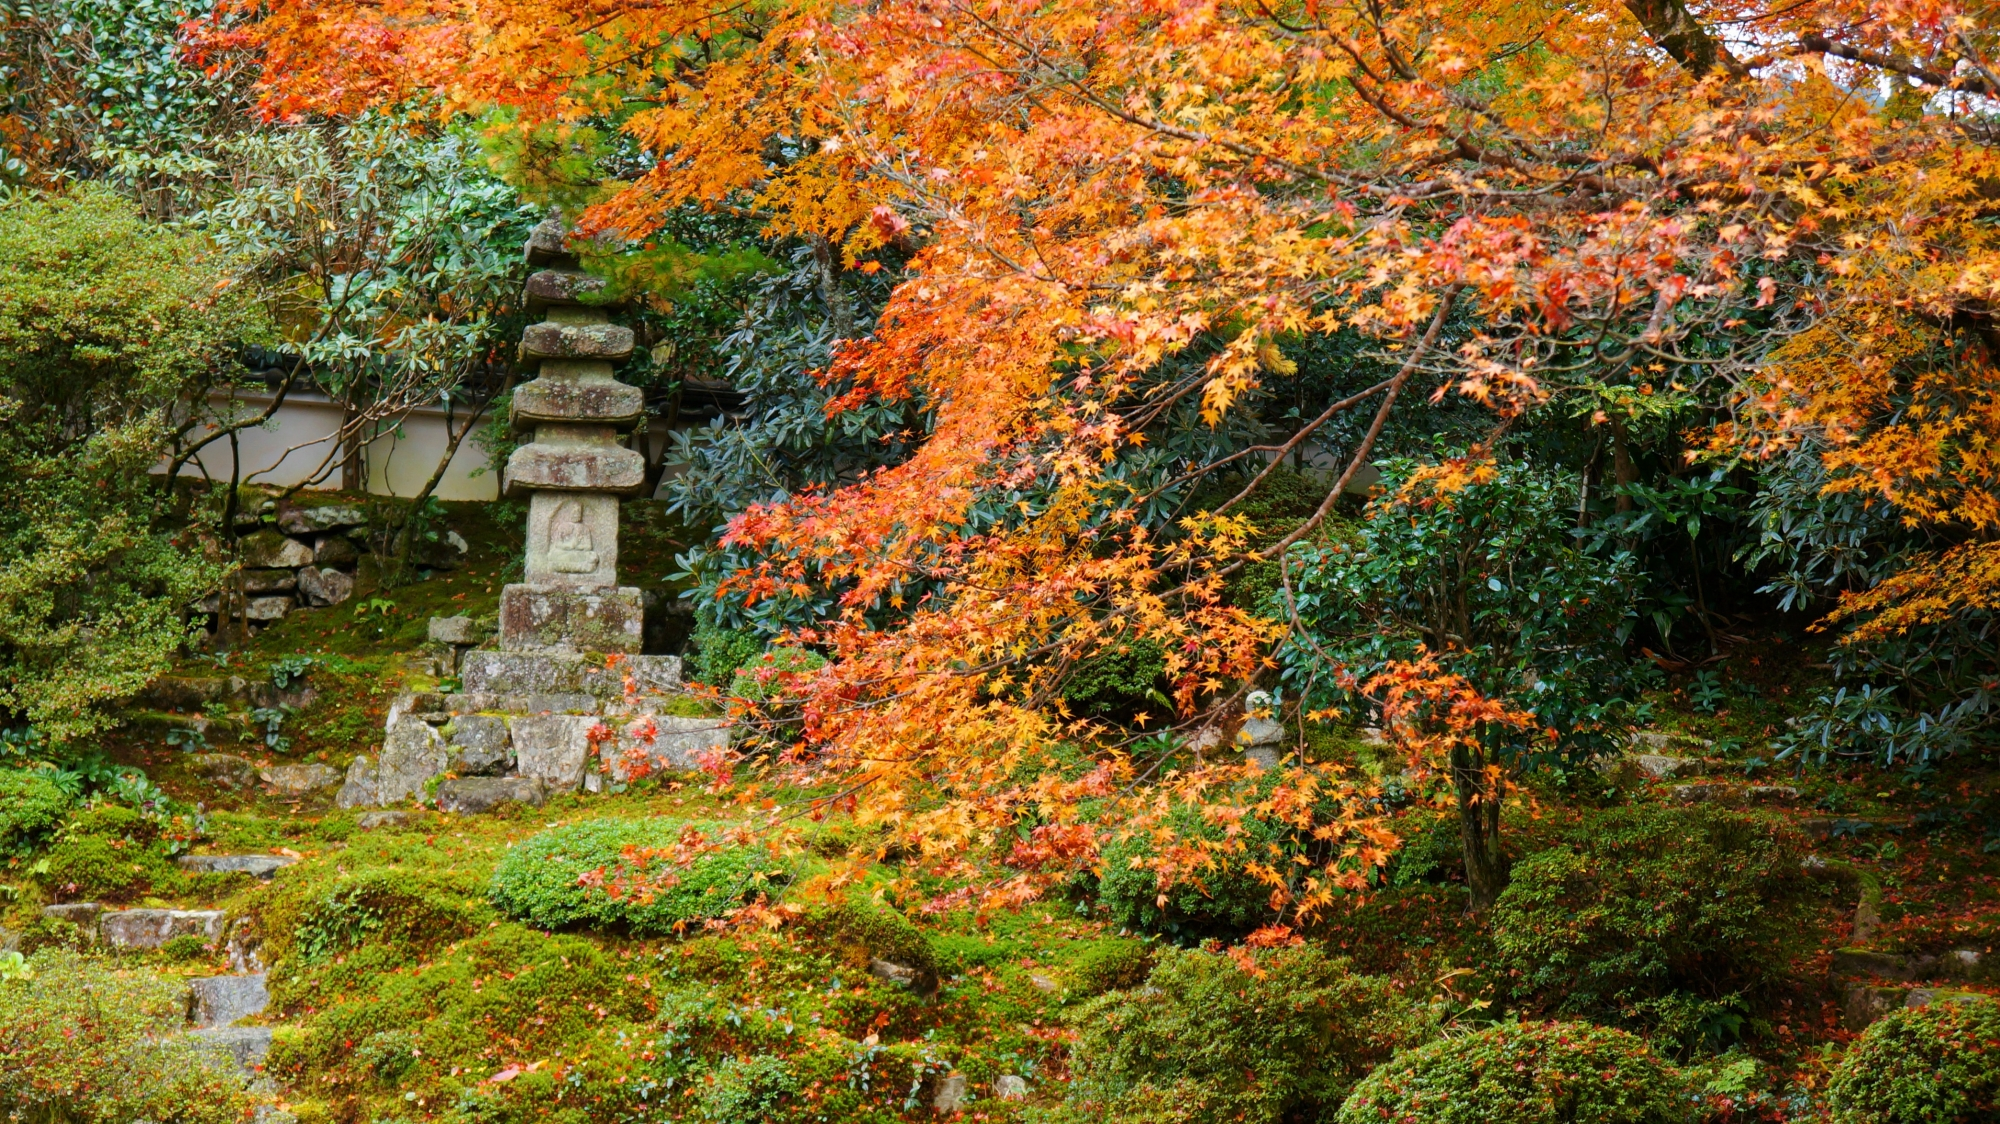 優しい紅葉に彩られた苔や石塔